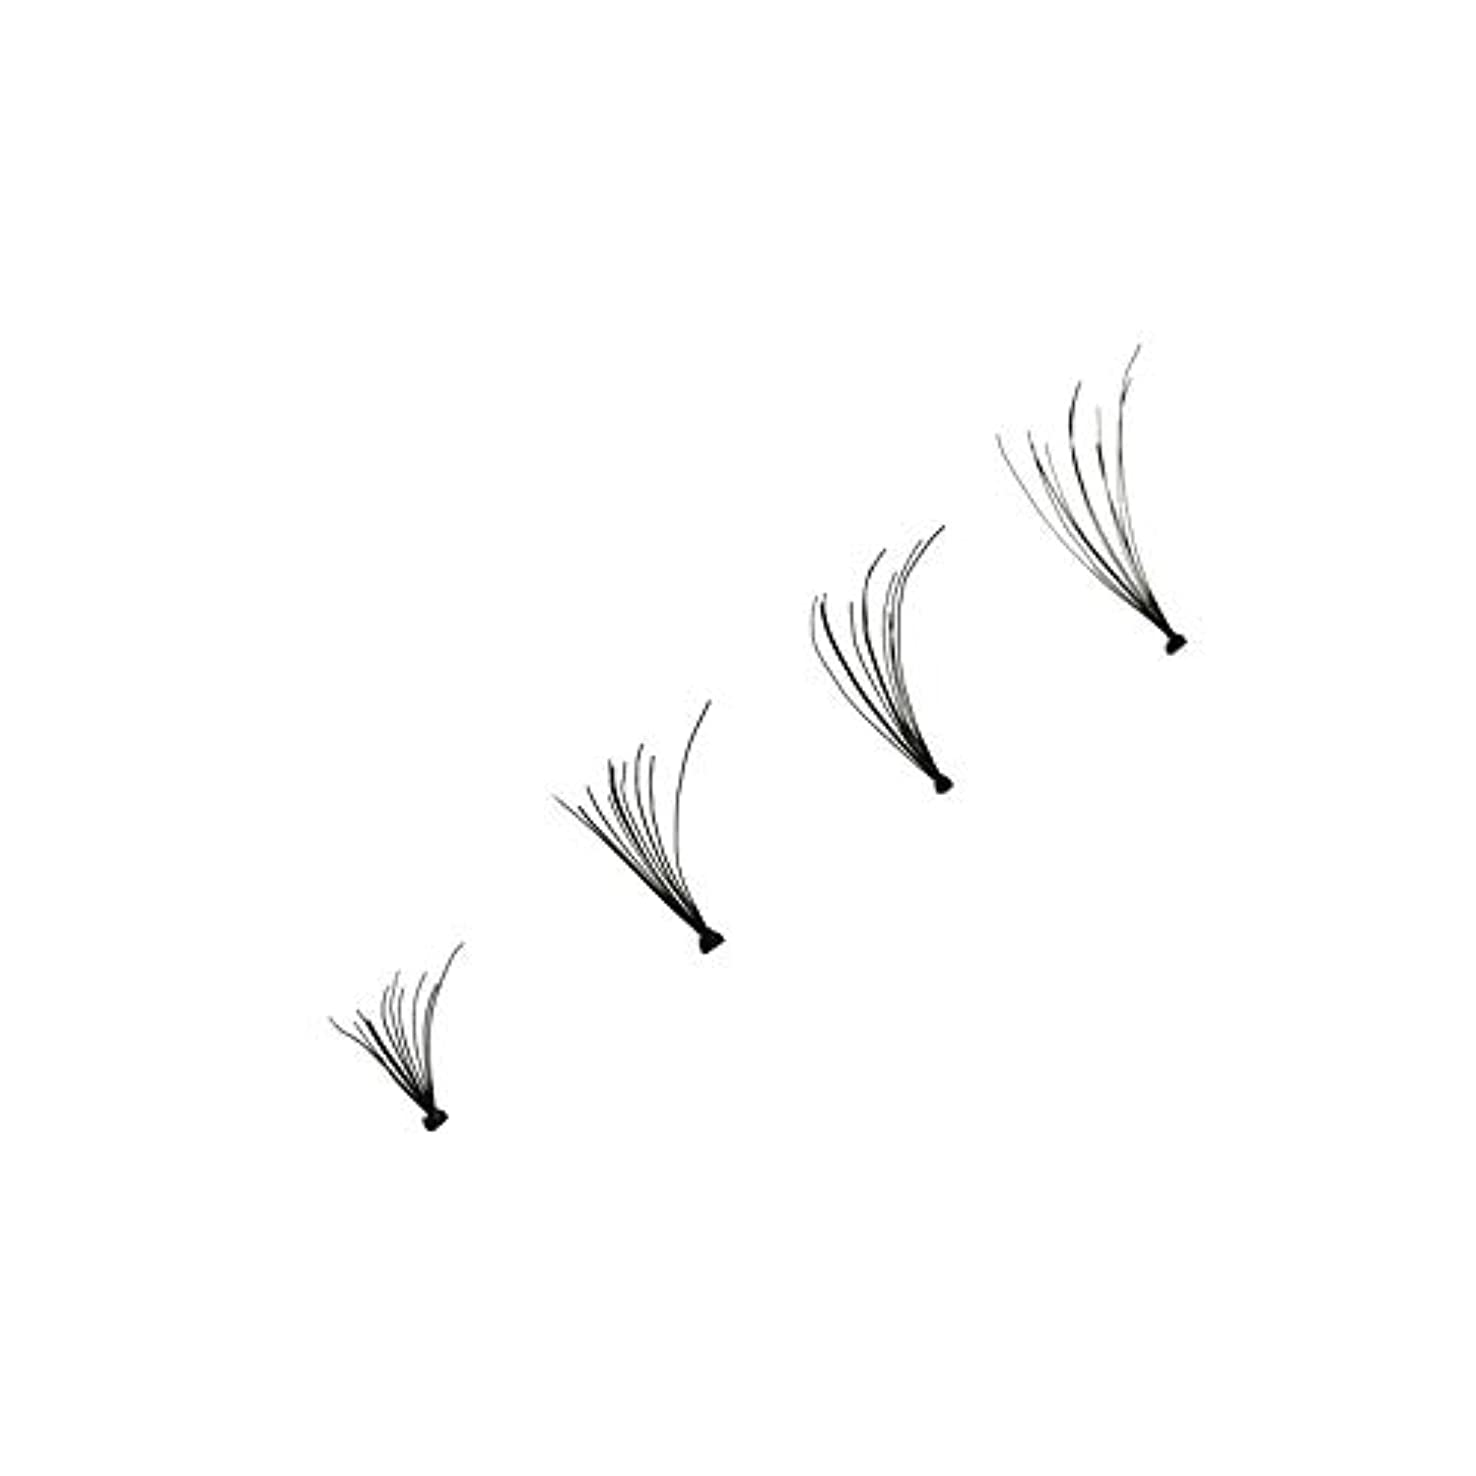 くしゃみマラドロイトバイナリ4本個別つけまつげウェーブミンク0.1 Dブラックシルクまつげエクステンション